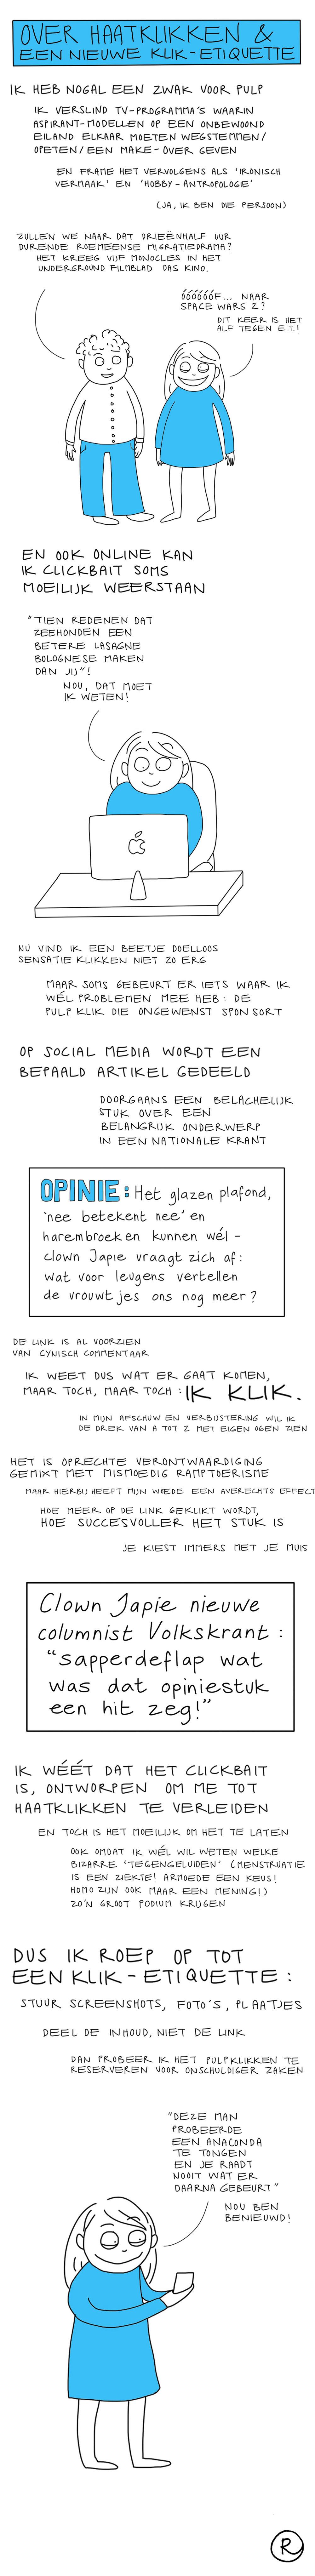 klik-etiquette online.jpg